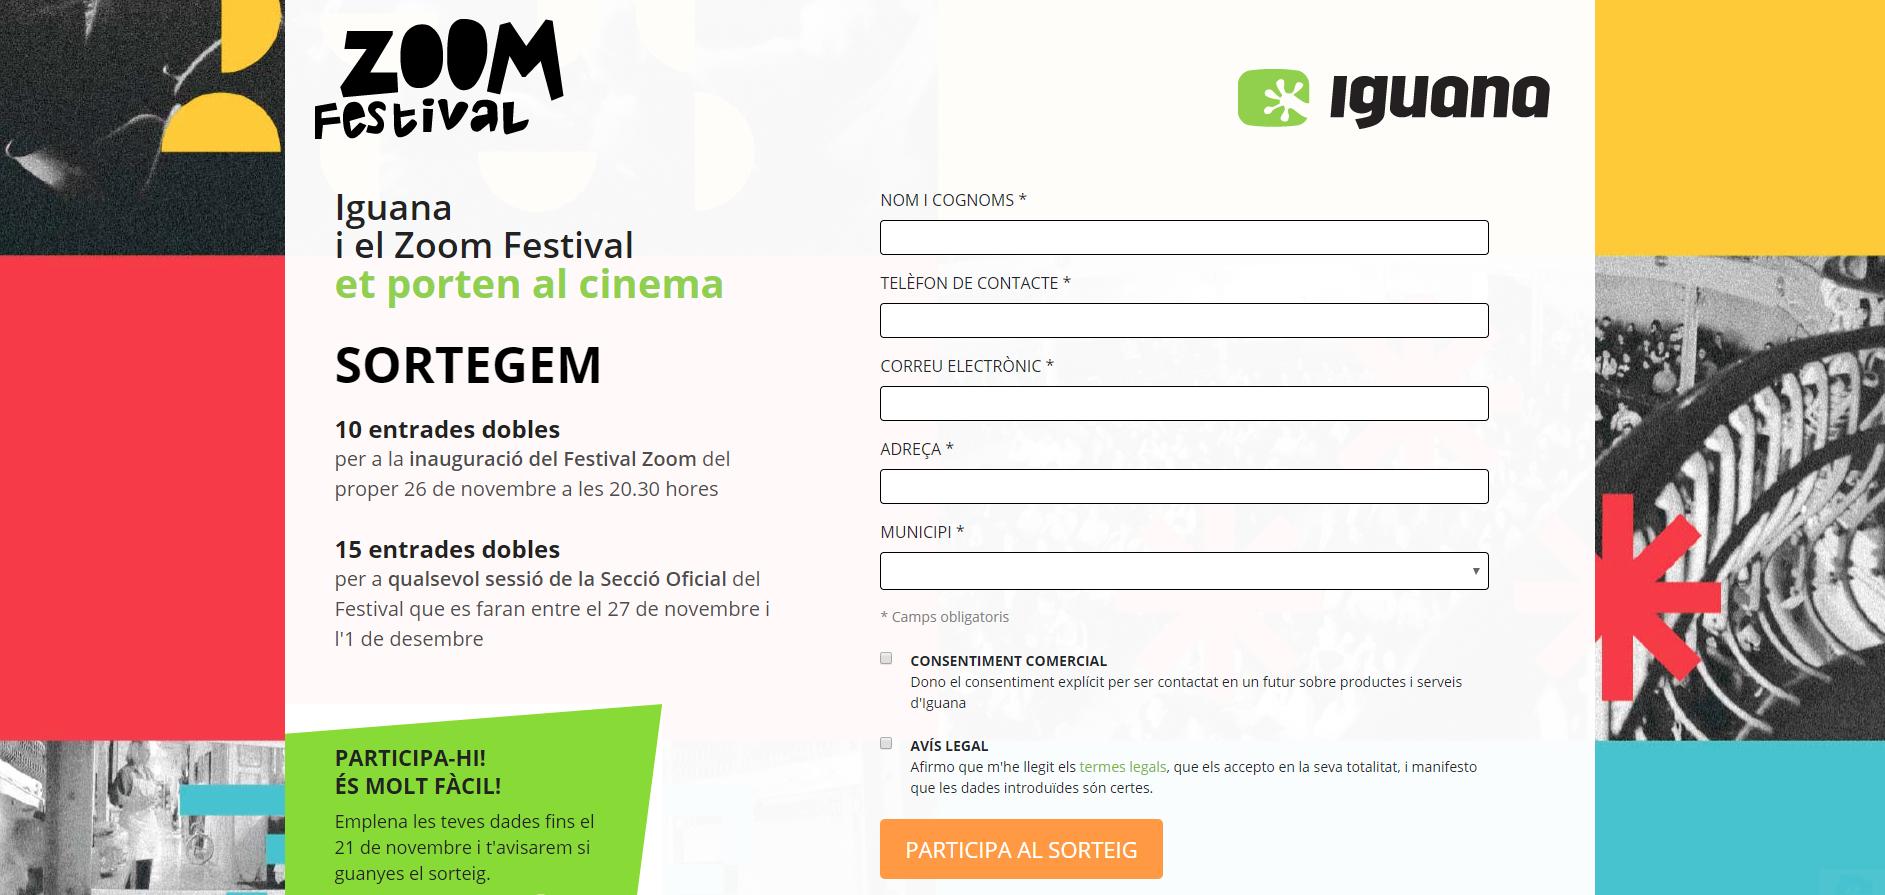 ¿Quieres Ganar Entradas Para El Zoom Festival?